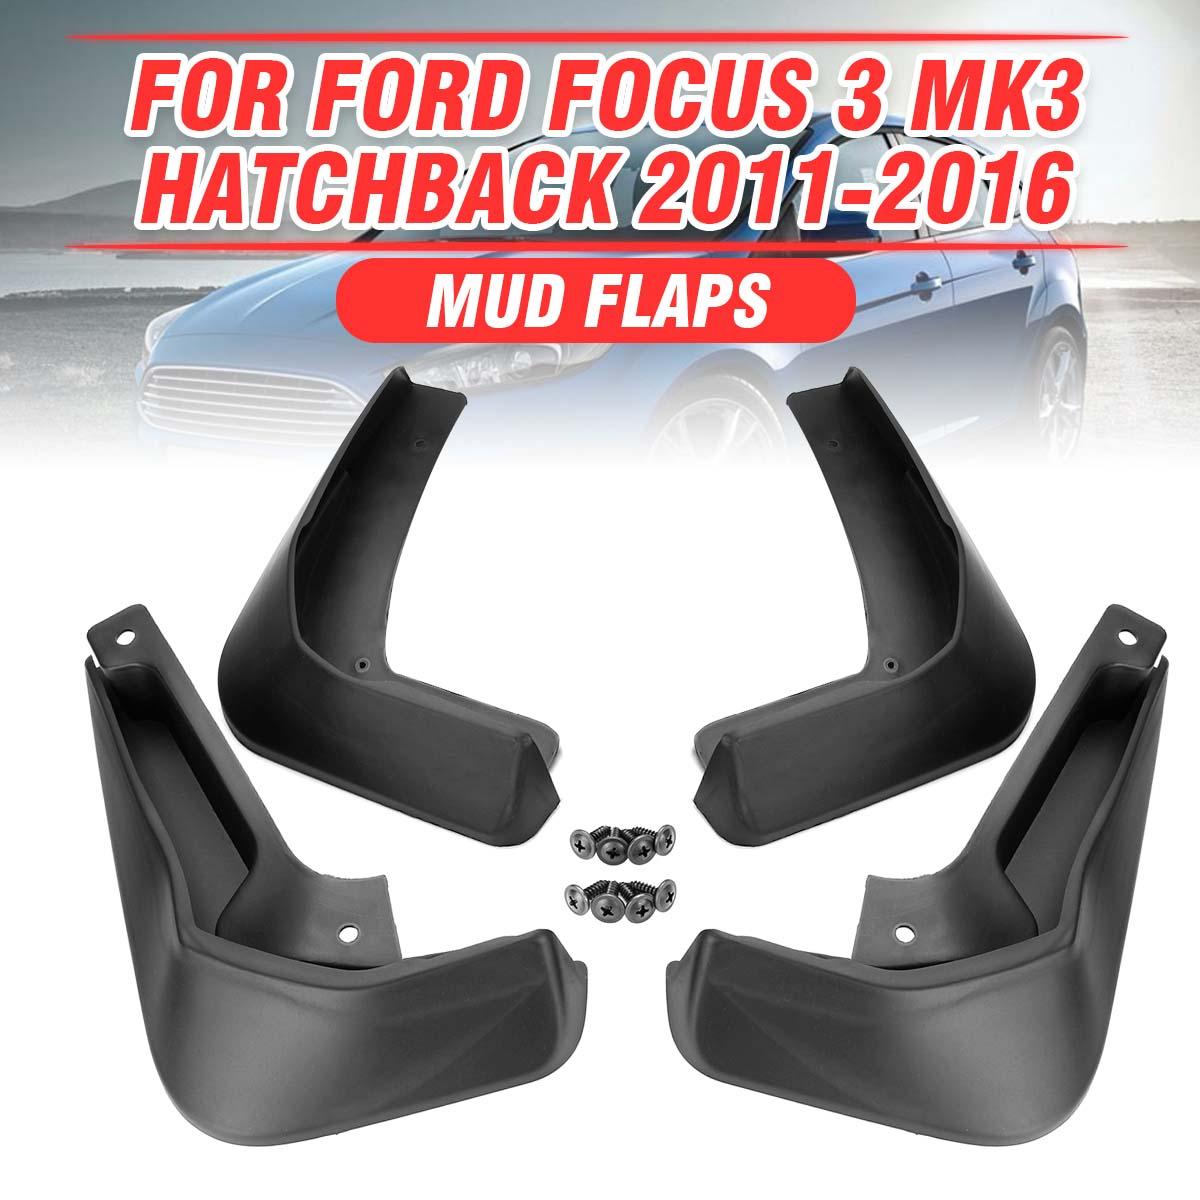 Garde-boue garde-boue garde-boue garde-boue pour accessoires de garde-boue pour Ford/Focus 3 MK3 hayon 2011-2018